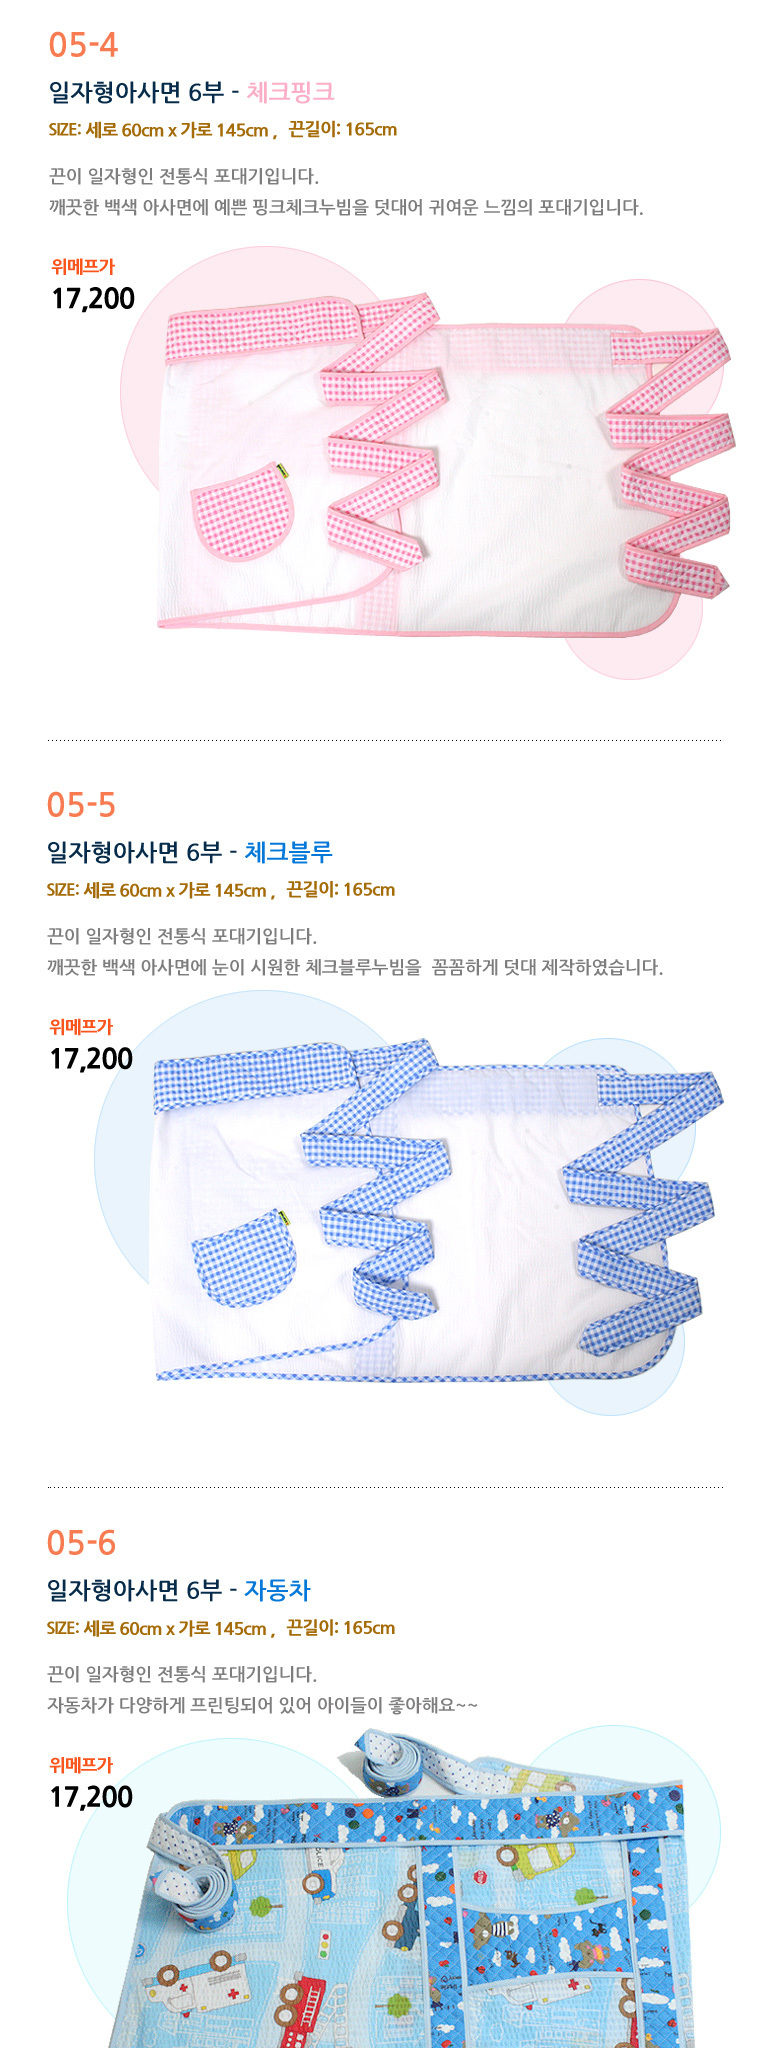 짱짱하고 탄탄한 알짜맘 국민포대기 - 상세정보